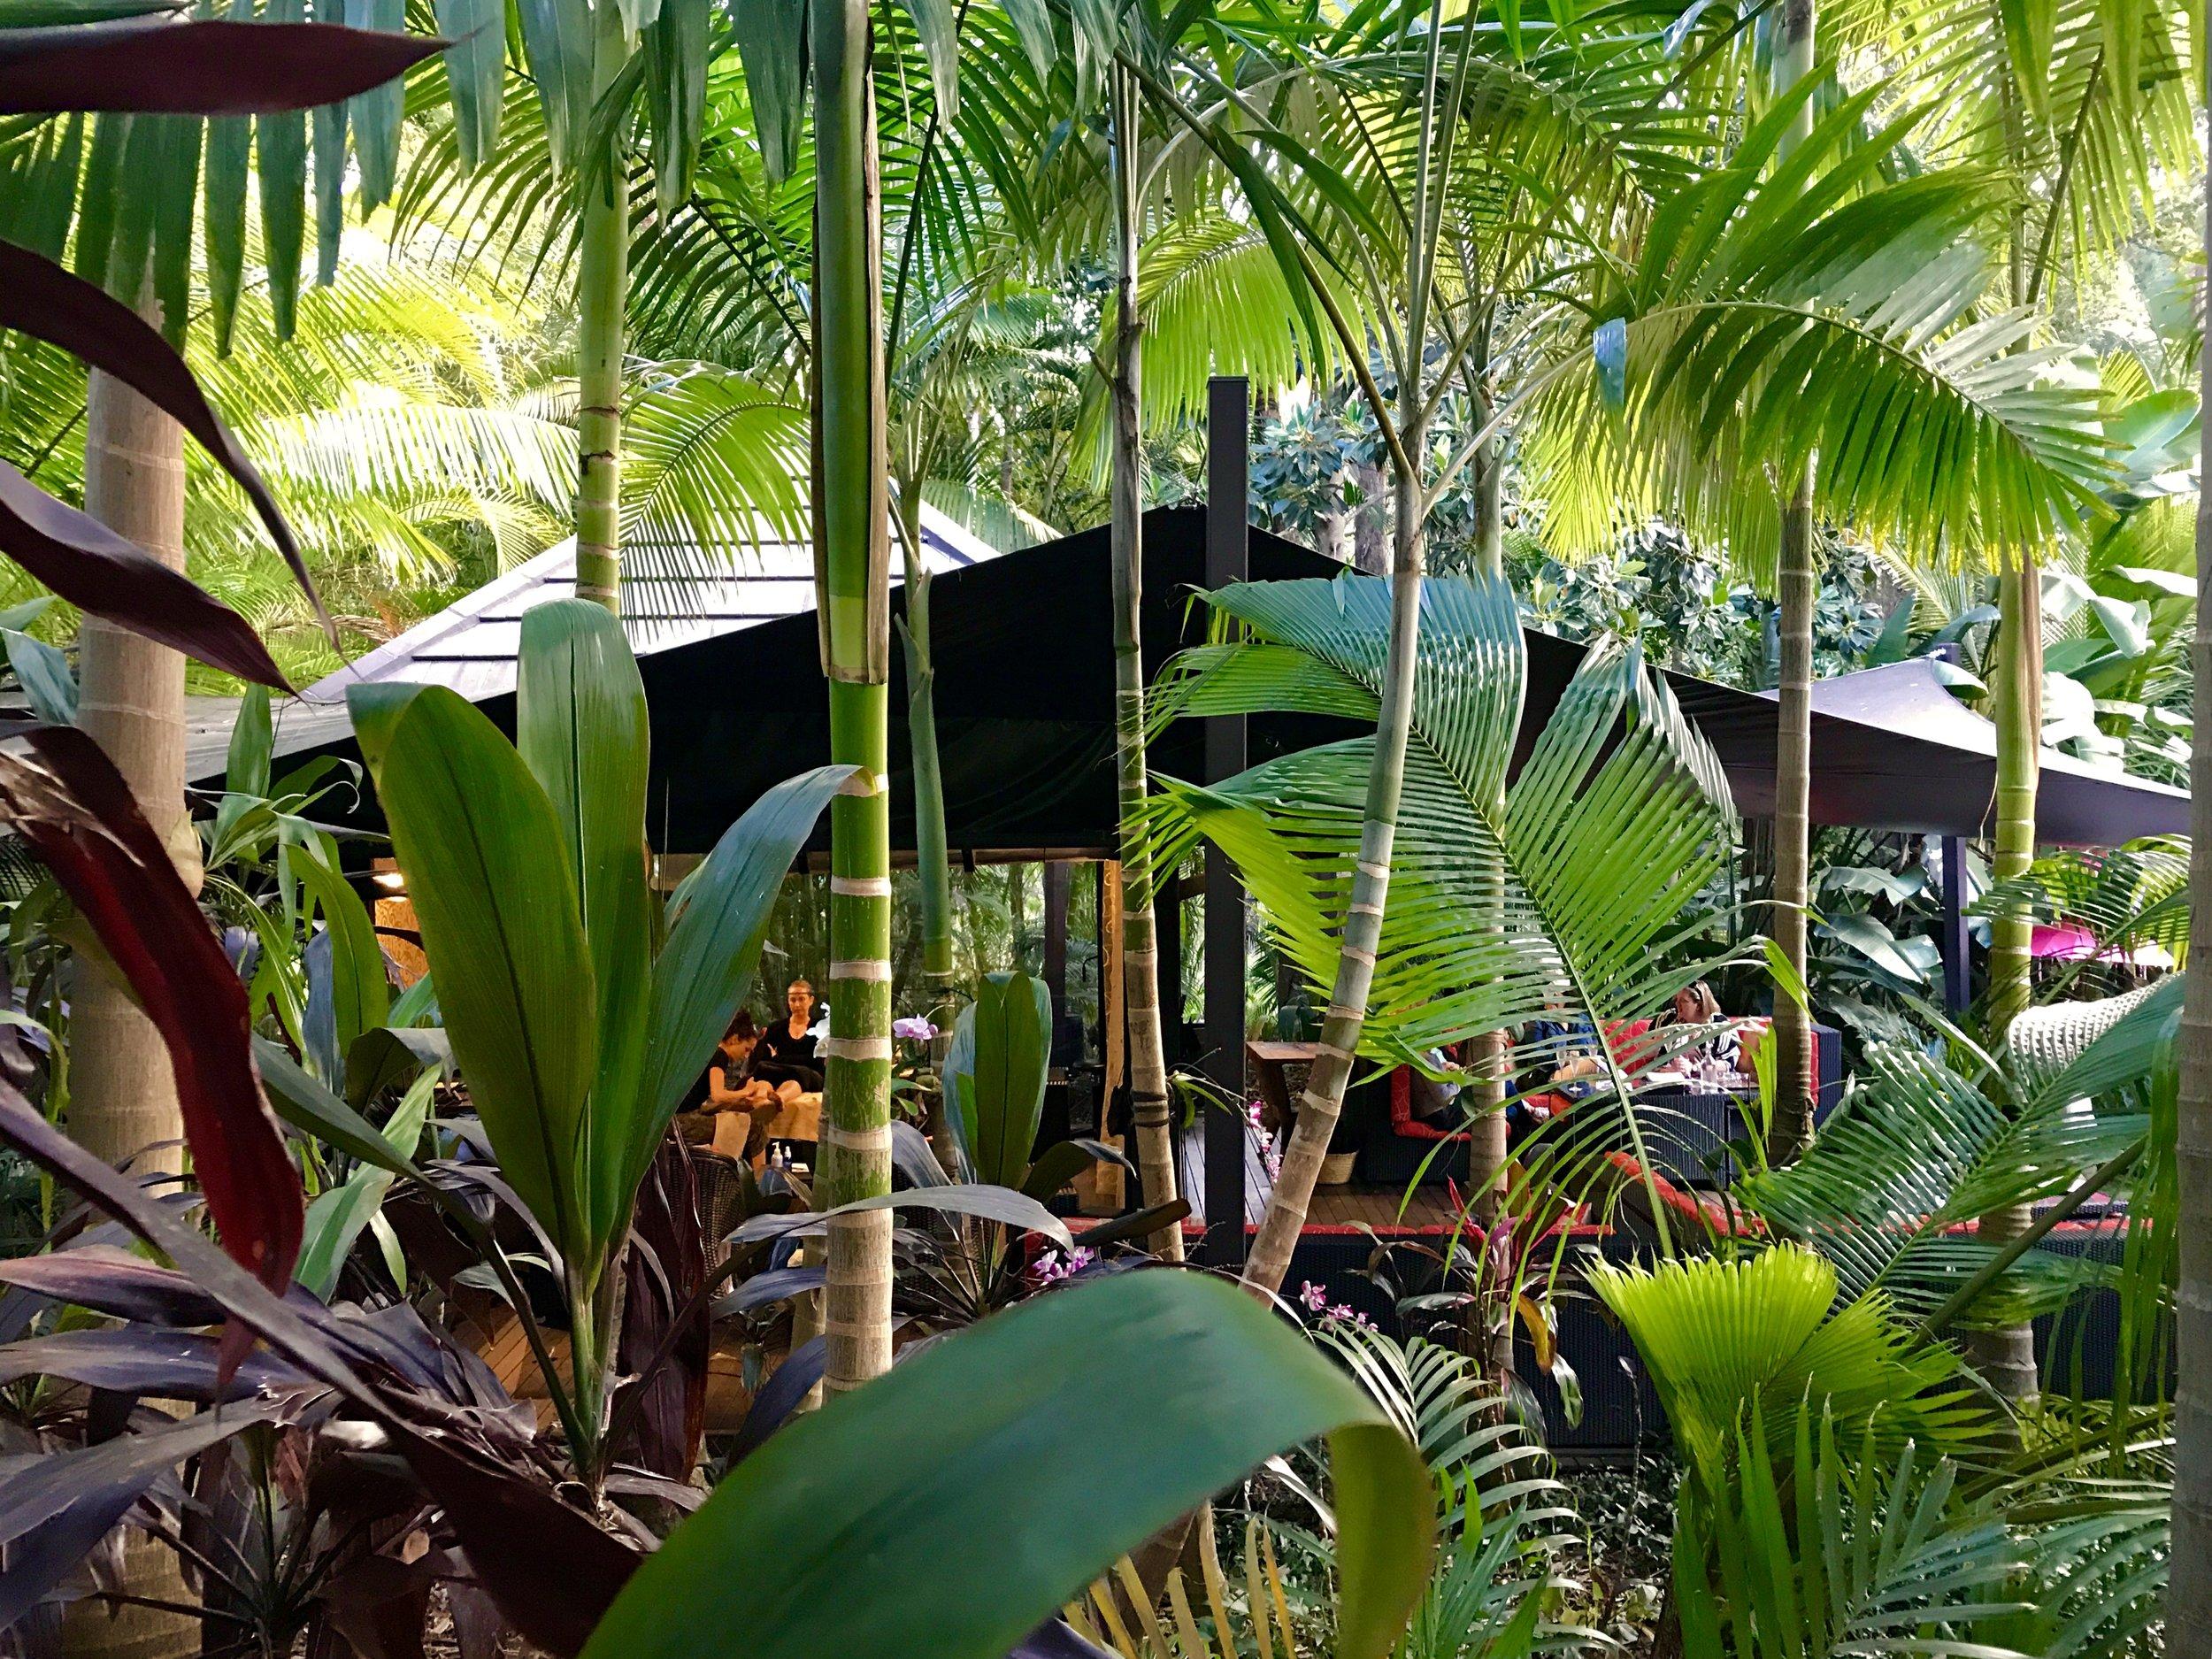 ikatan-garden-roomHR.jpg